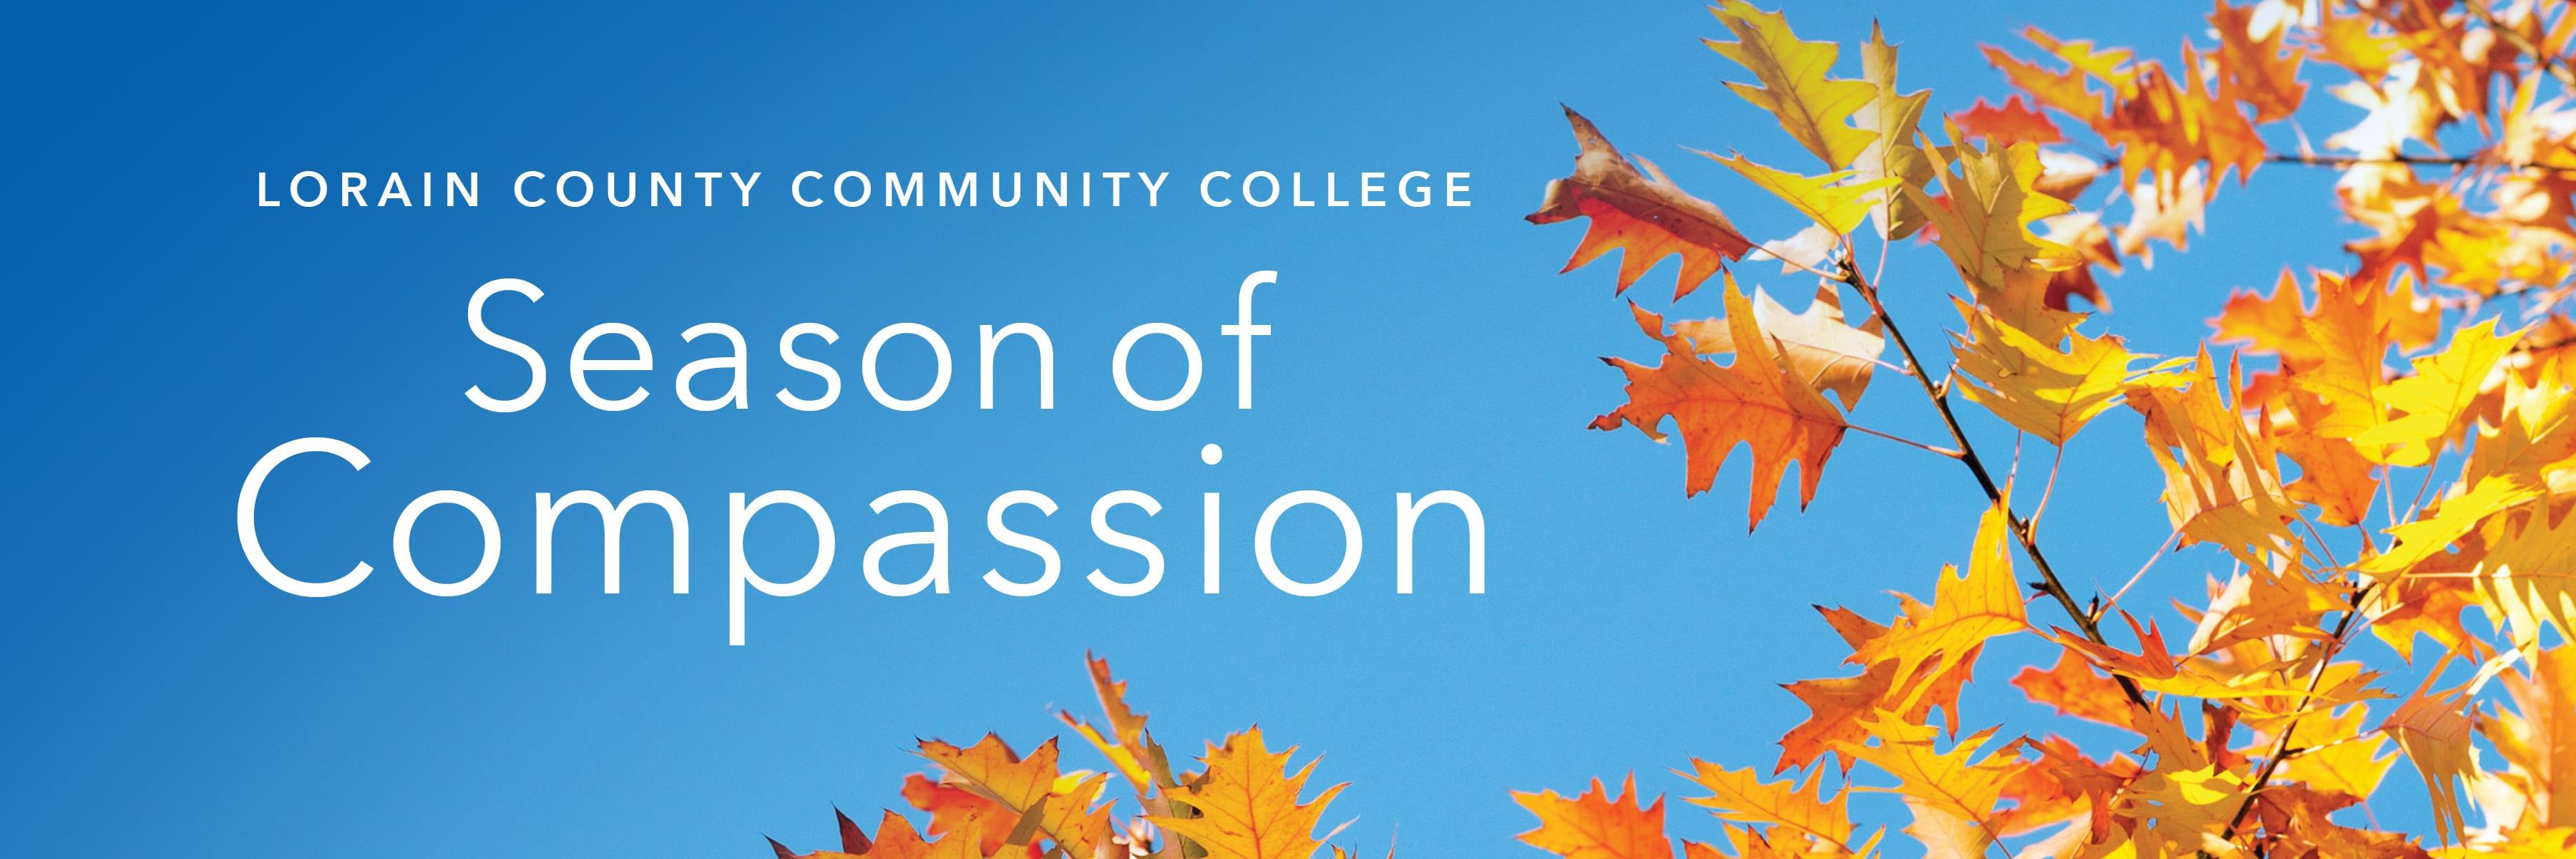 Season of Compassion